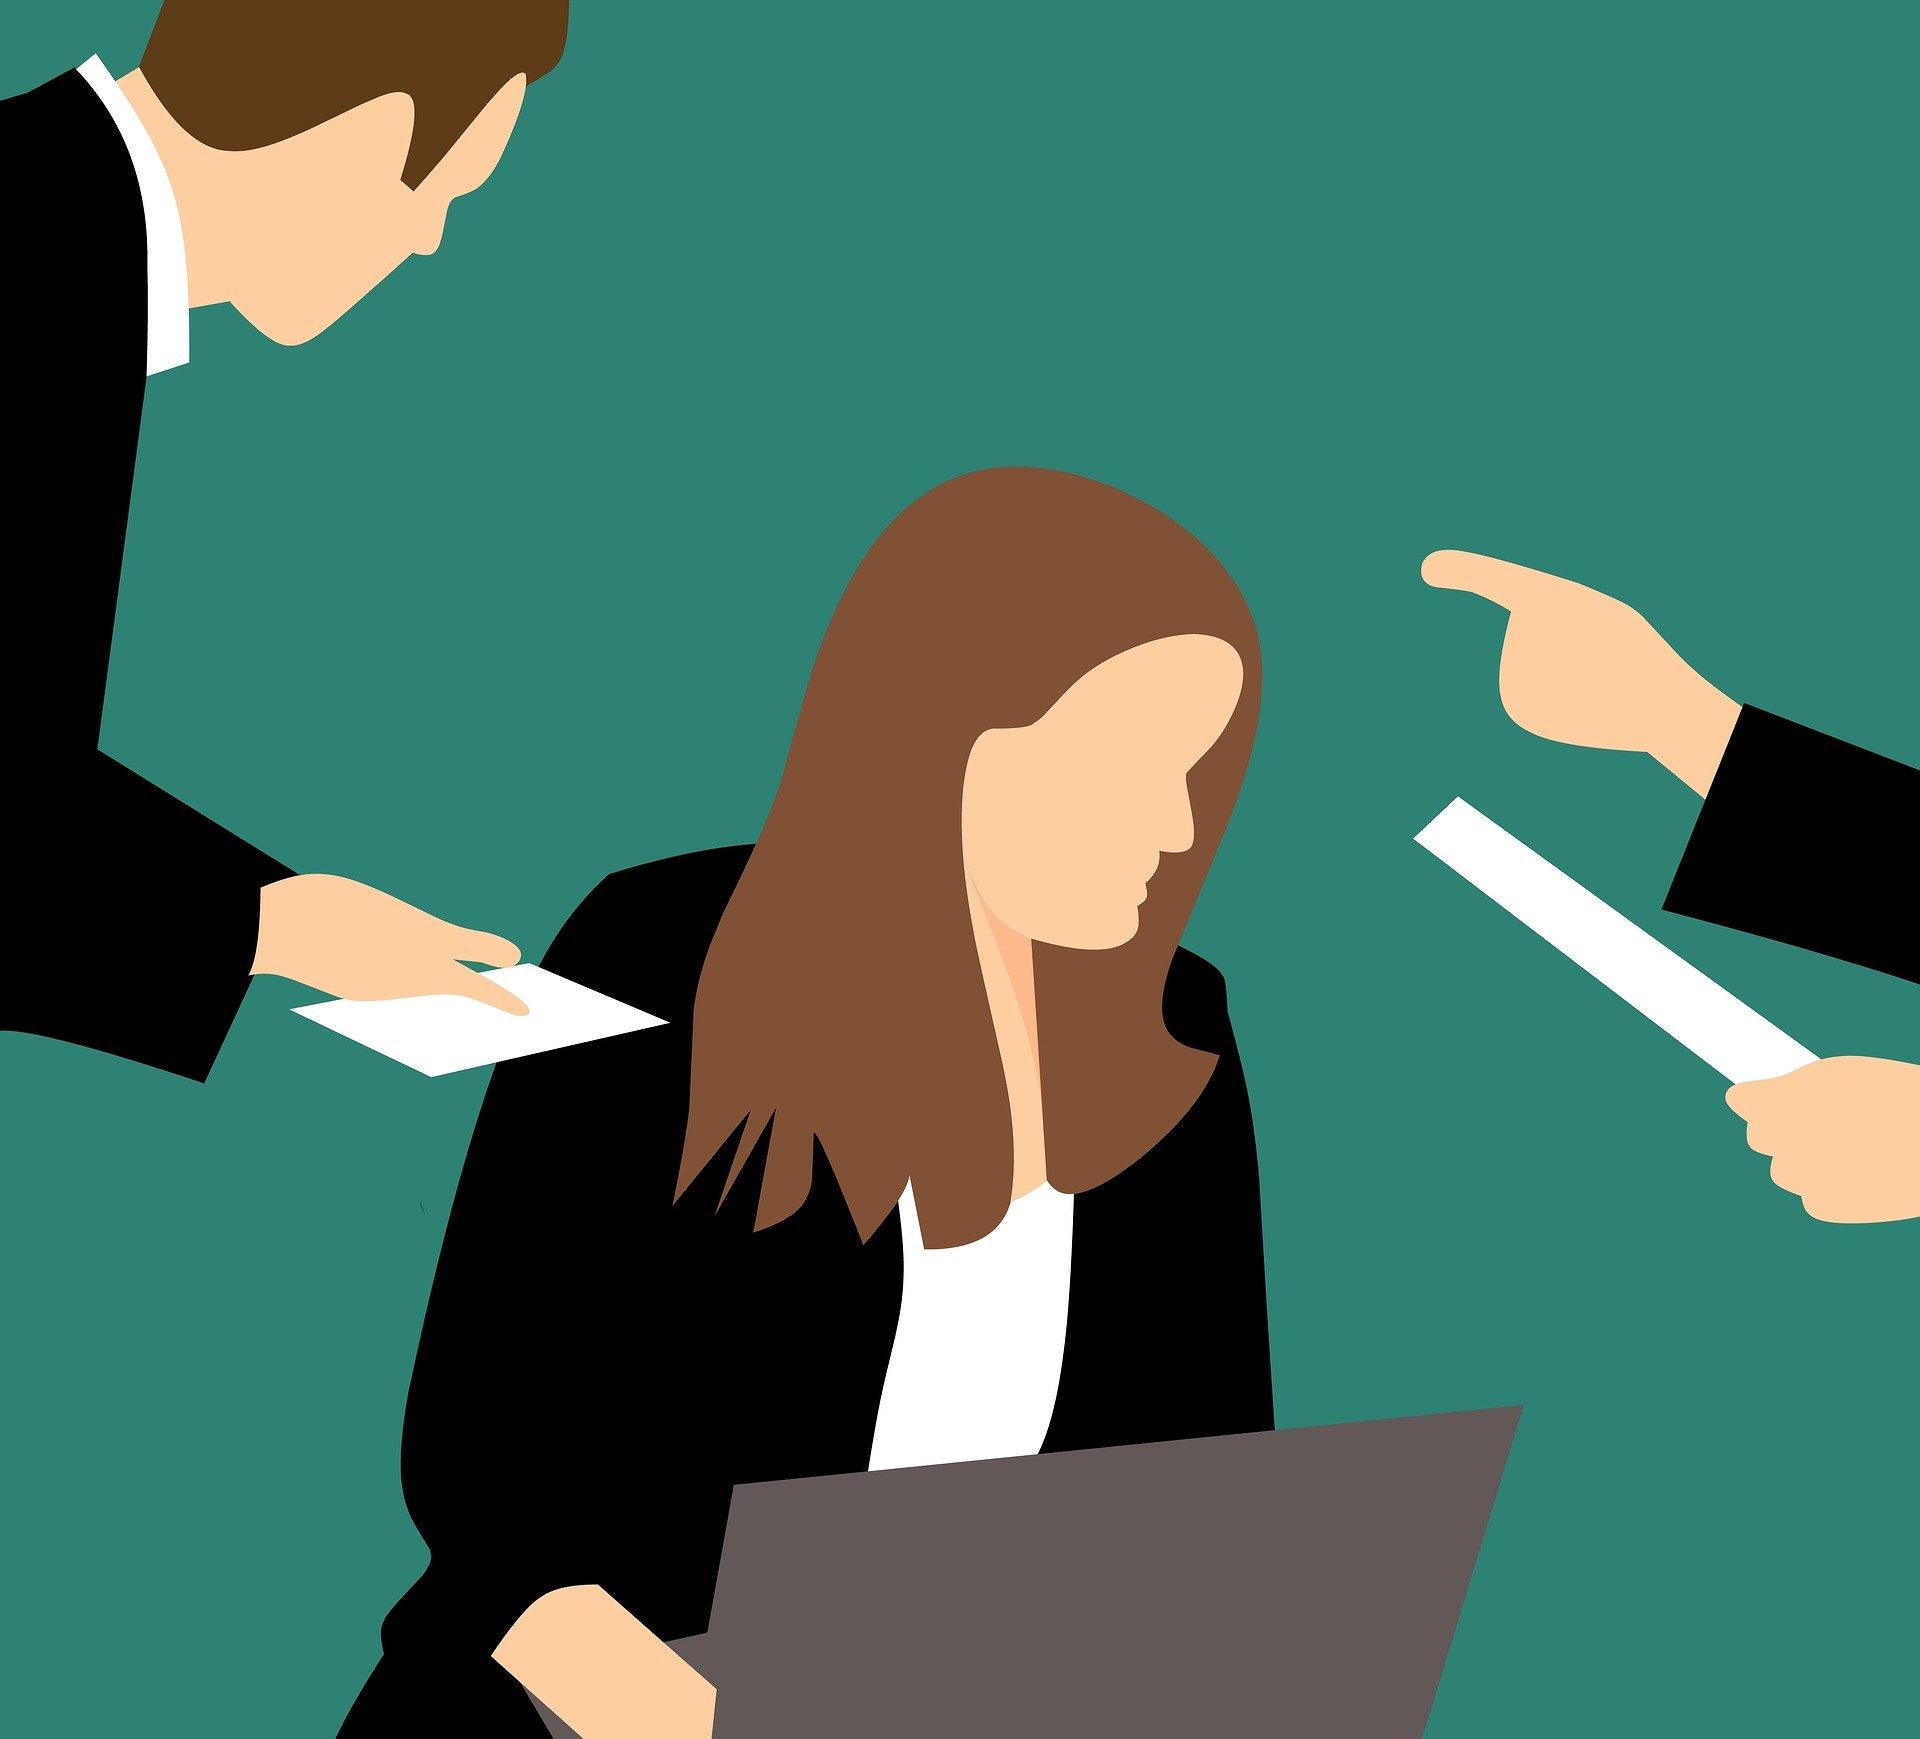 Arbeitsrecht – Benachteiligungsverbot & Ansprüche des Arbeitnehmer: Teil 2 – angemessene Entschädigung